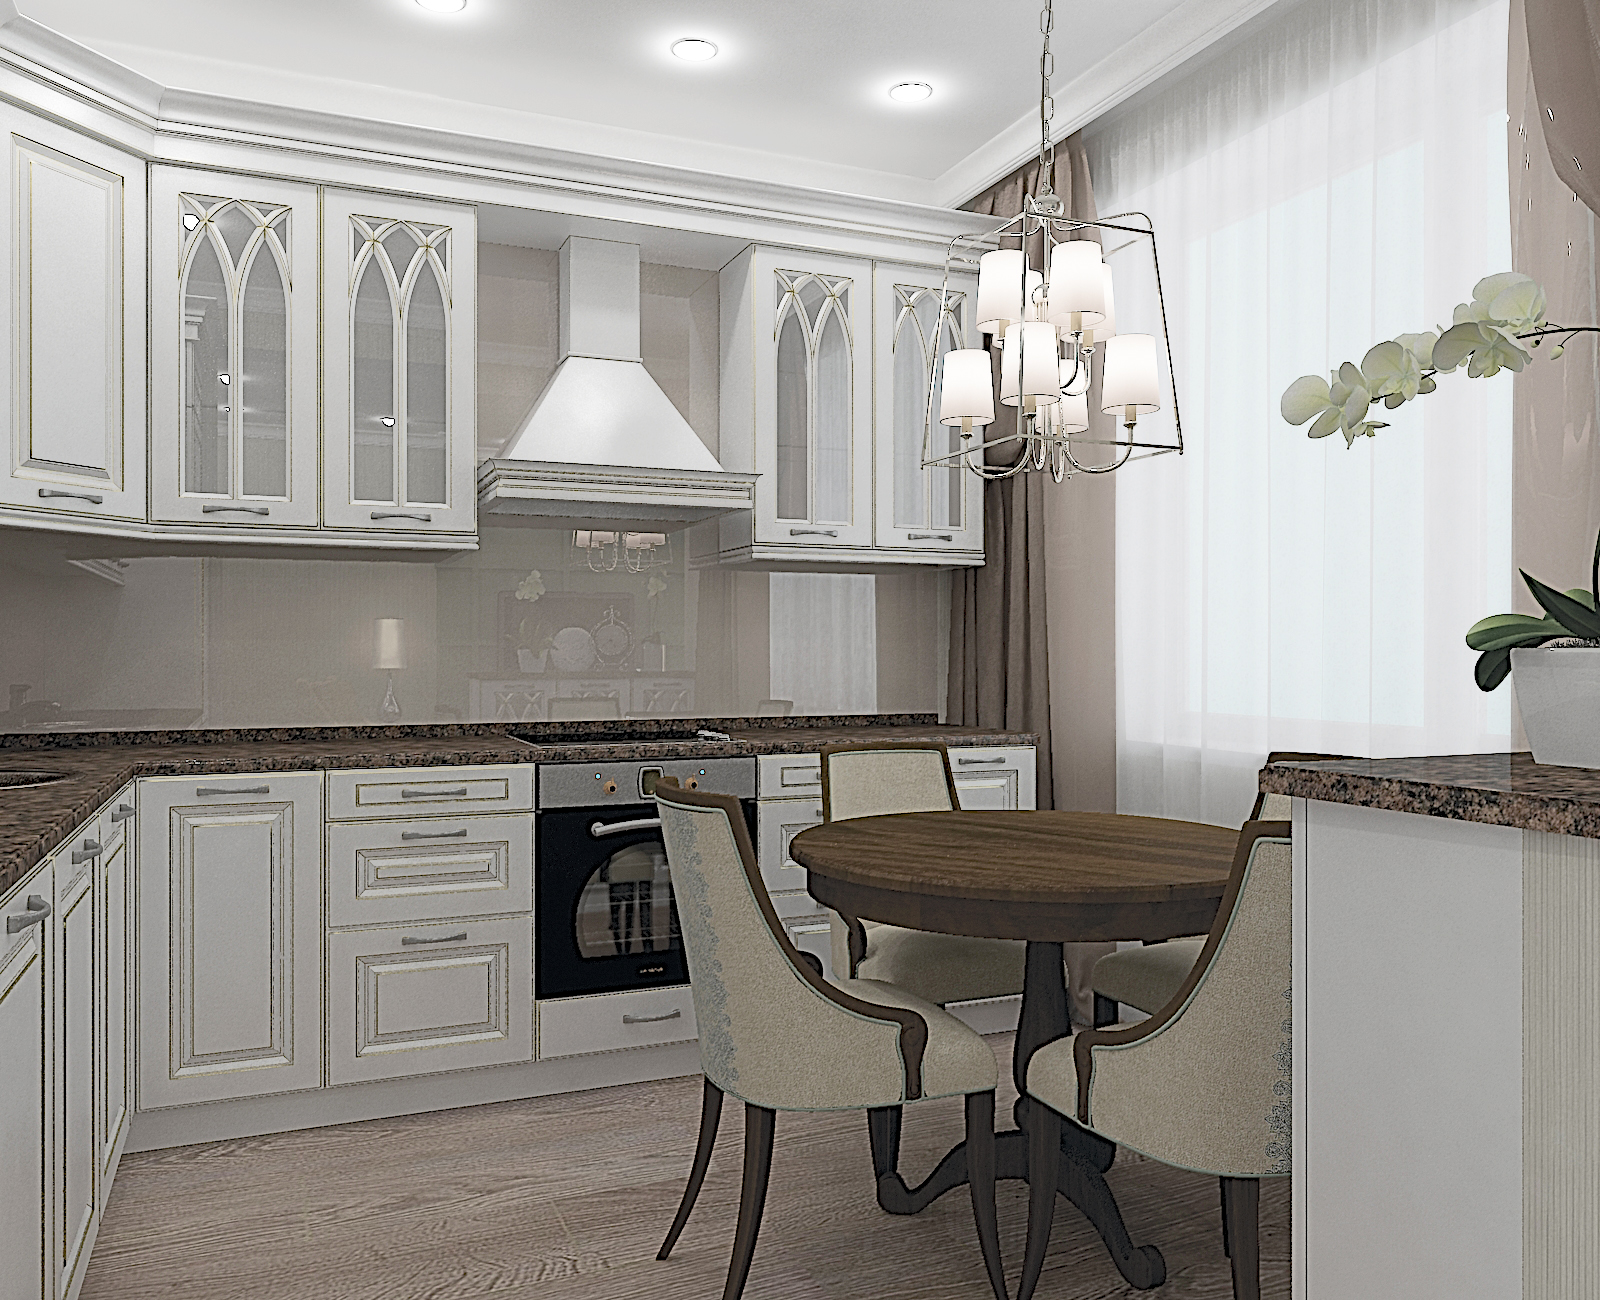 сейчас любительницы белая кухня в стиле неоклассика фото женщинам укрепить